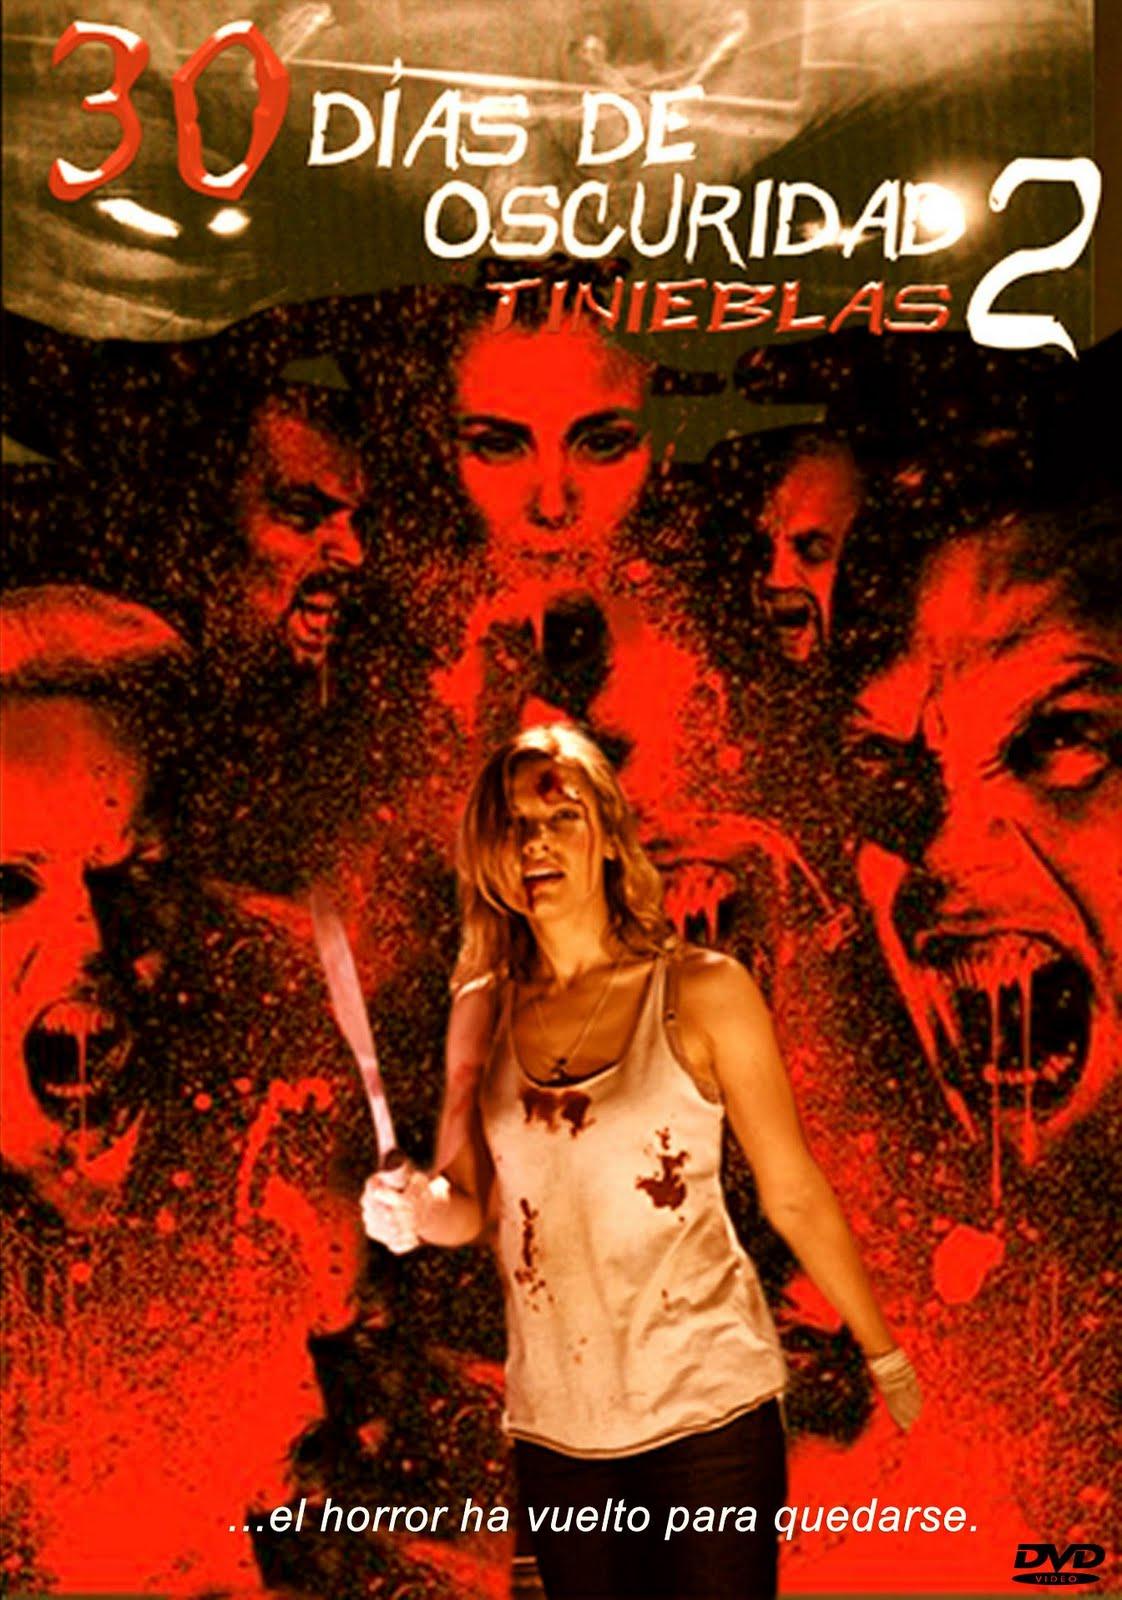 Ver Trailers Y Sinopsis Online 30 Días De Oscuridad 2 Tinieblas 30 Days Of Night Dark Days 2010